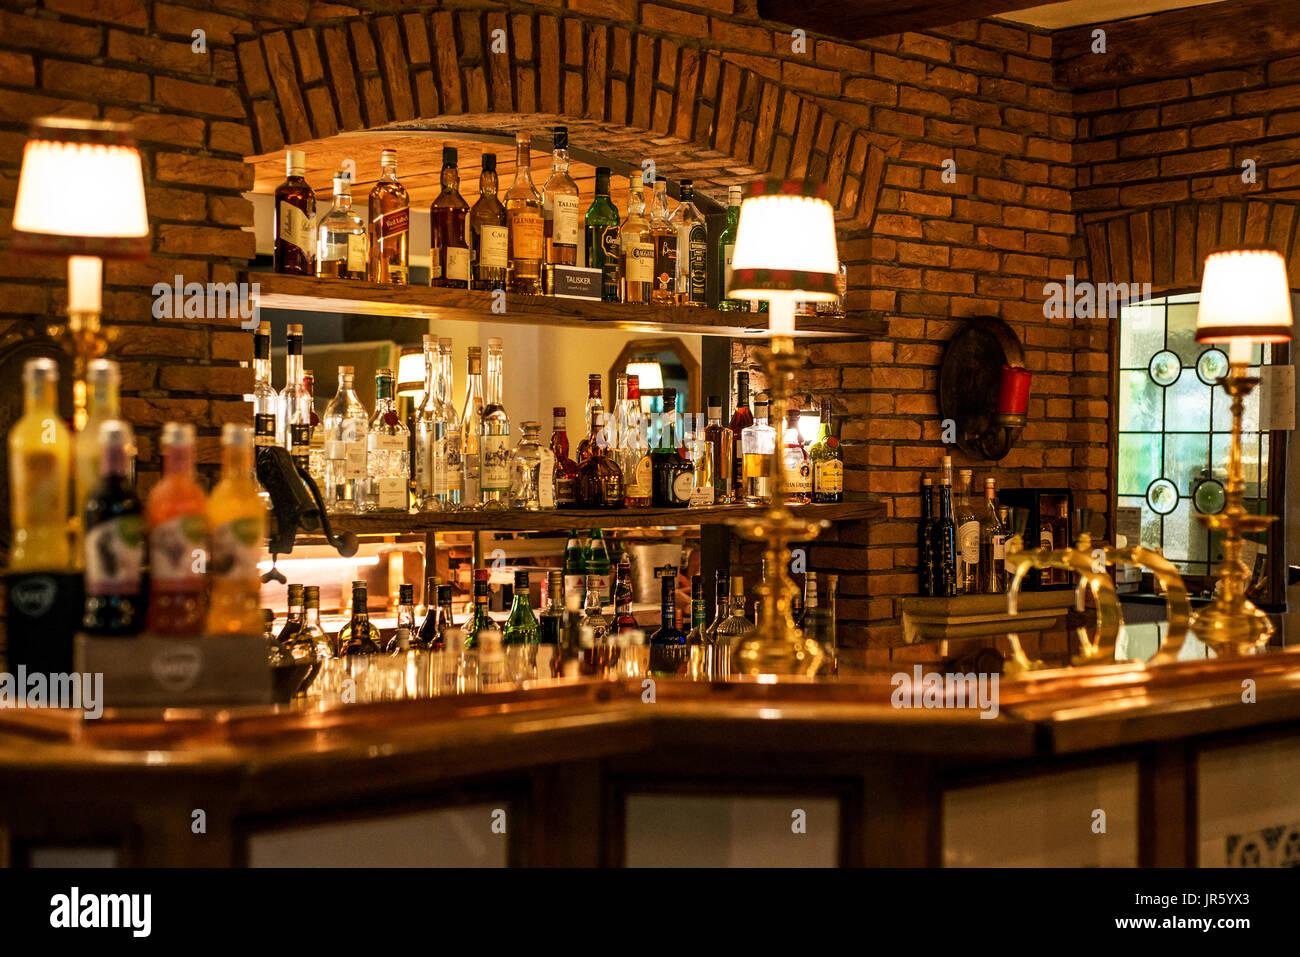 Amari e infusi sul bancone, bottiglie di sfocare lo sfondo immagine nei toni del muro di mattoni in ambiente di luce Immagini Stock